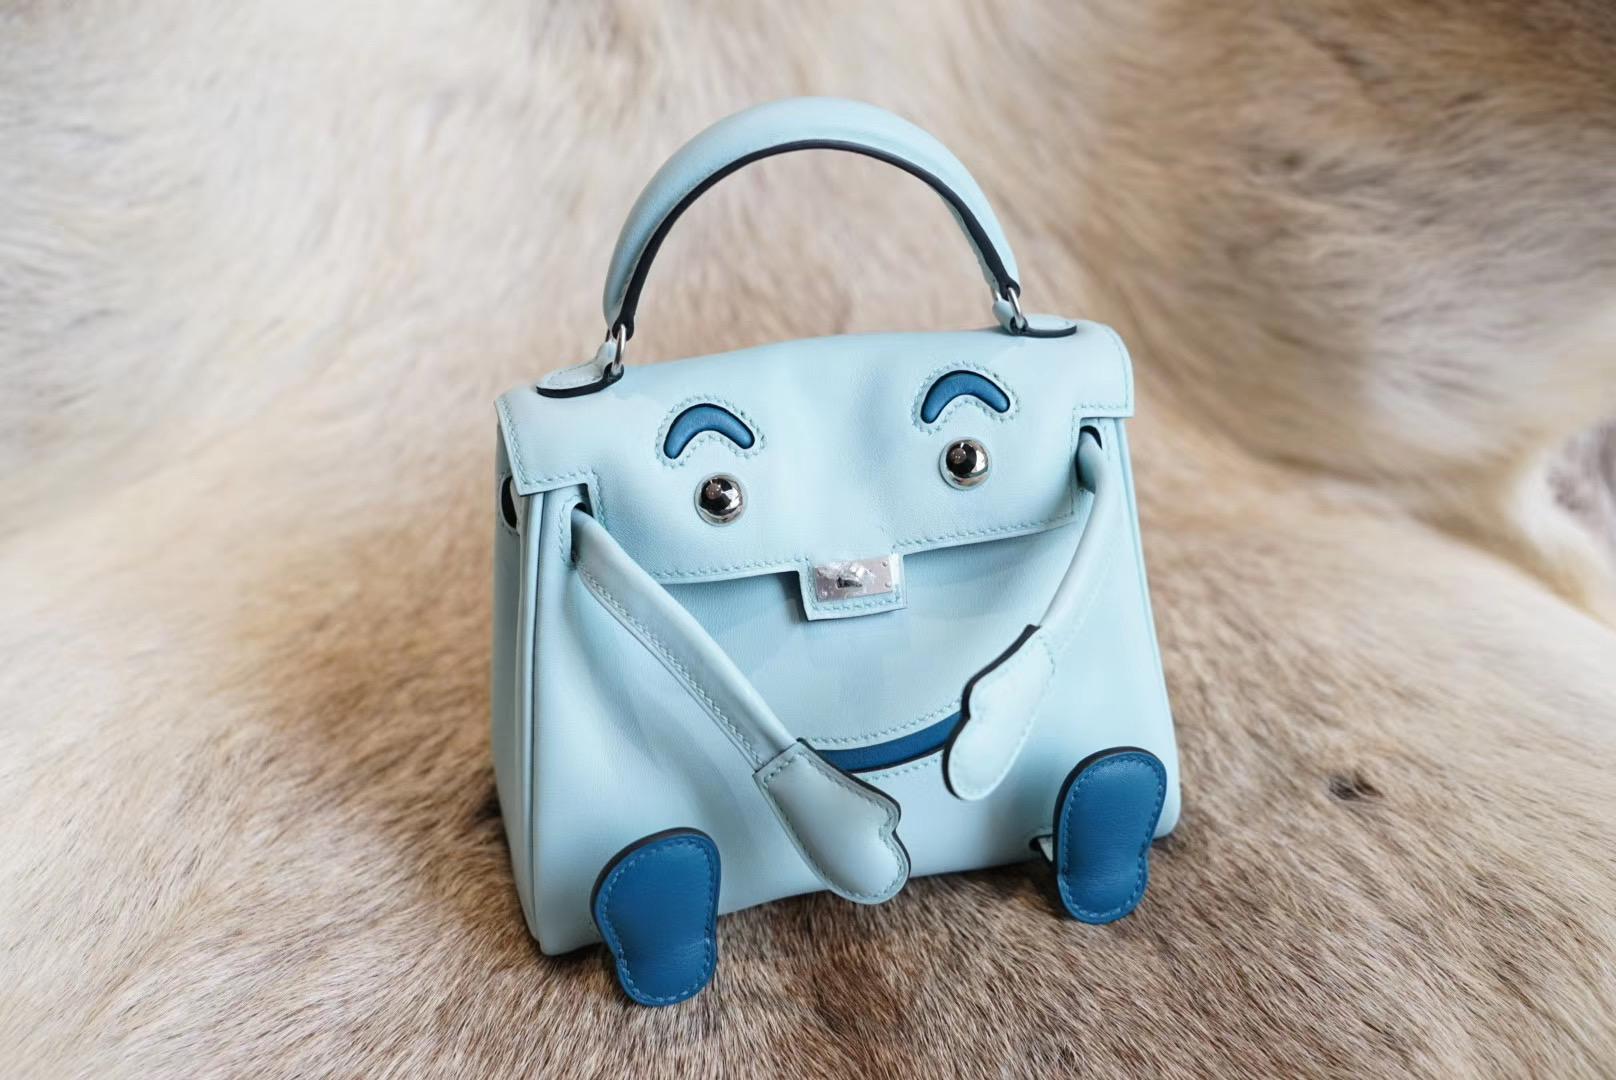 Kelly Doll 微风蓝 doll 娃娃包